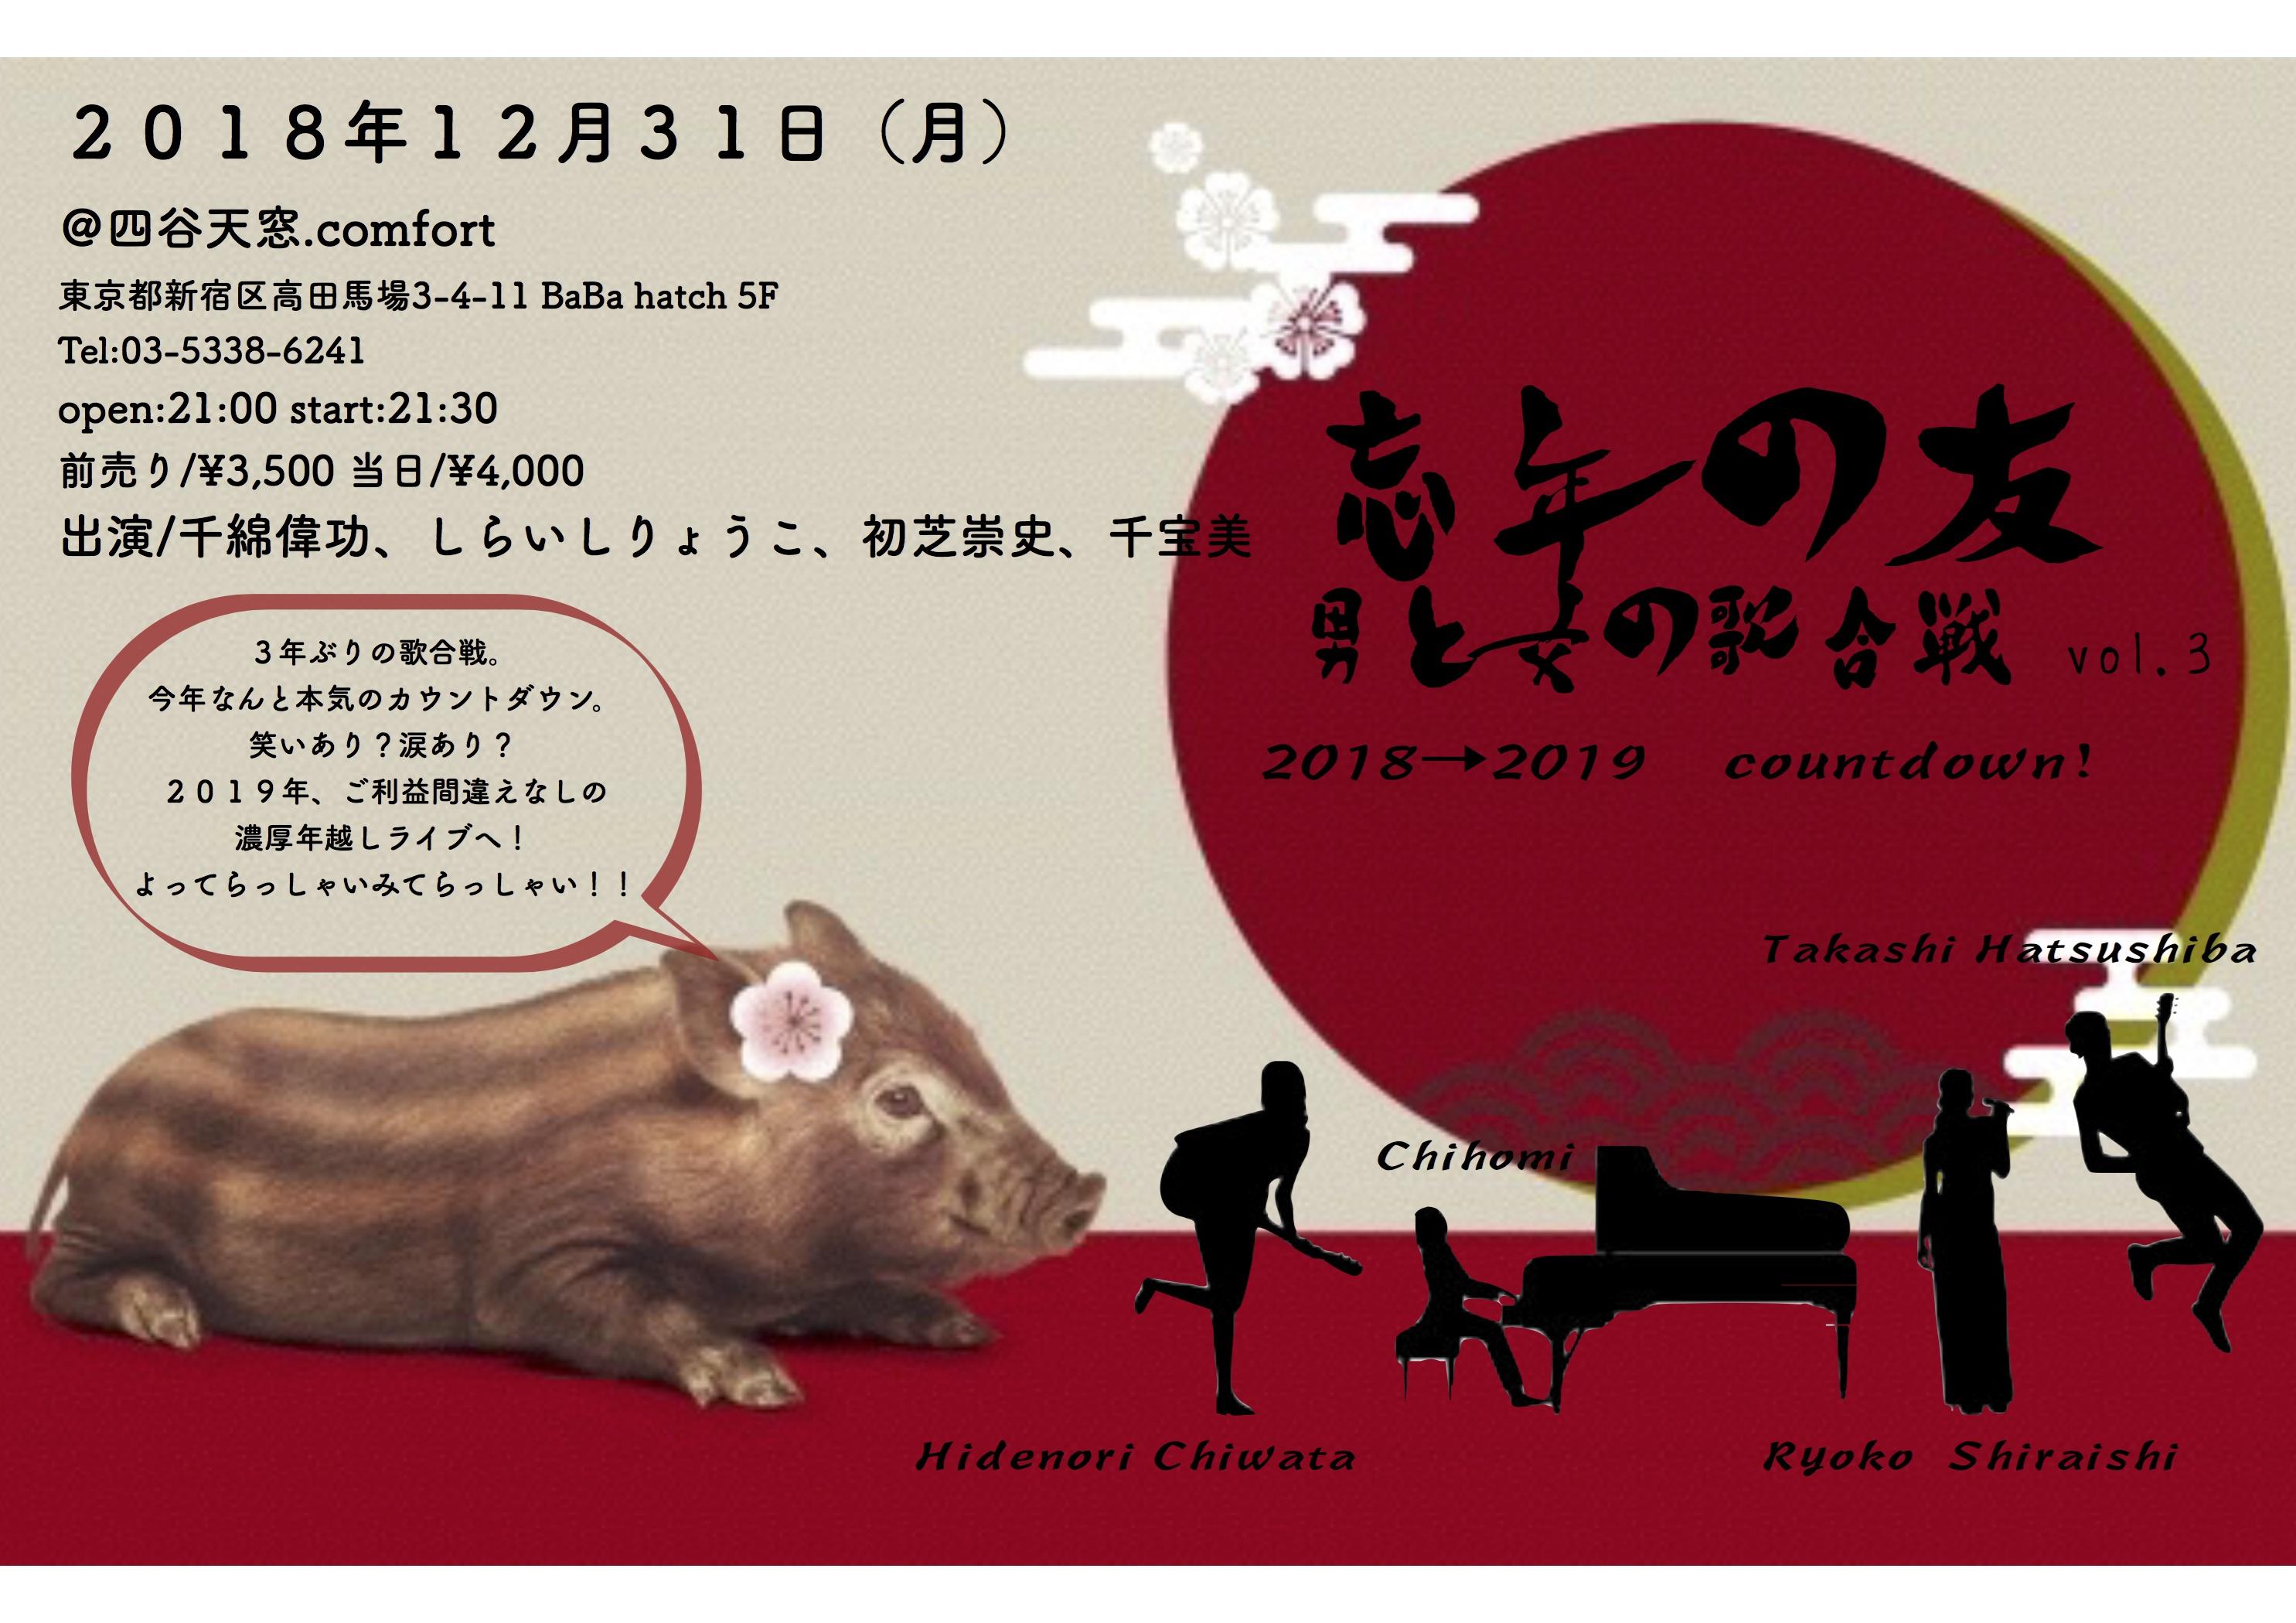 2018年12月31日(月)四谷天窓.comfort「忘年の友〜男と女の歌合戦vol.3〜」